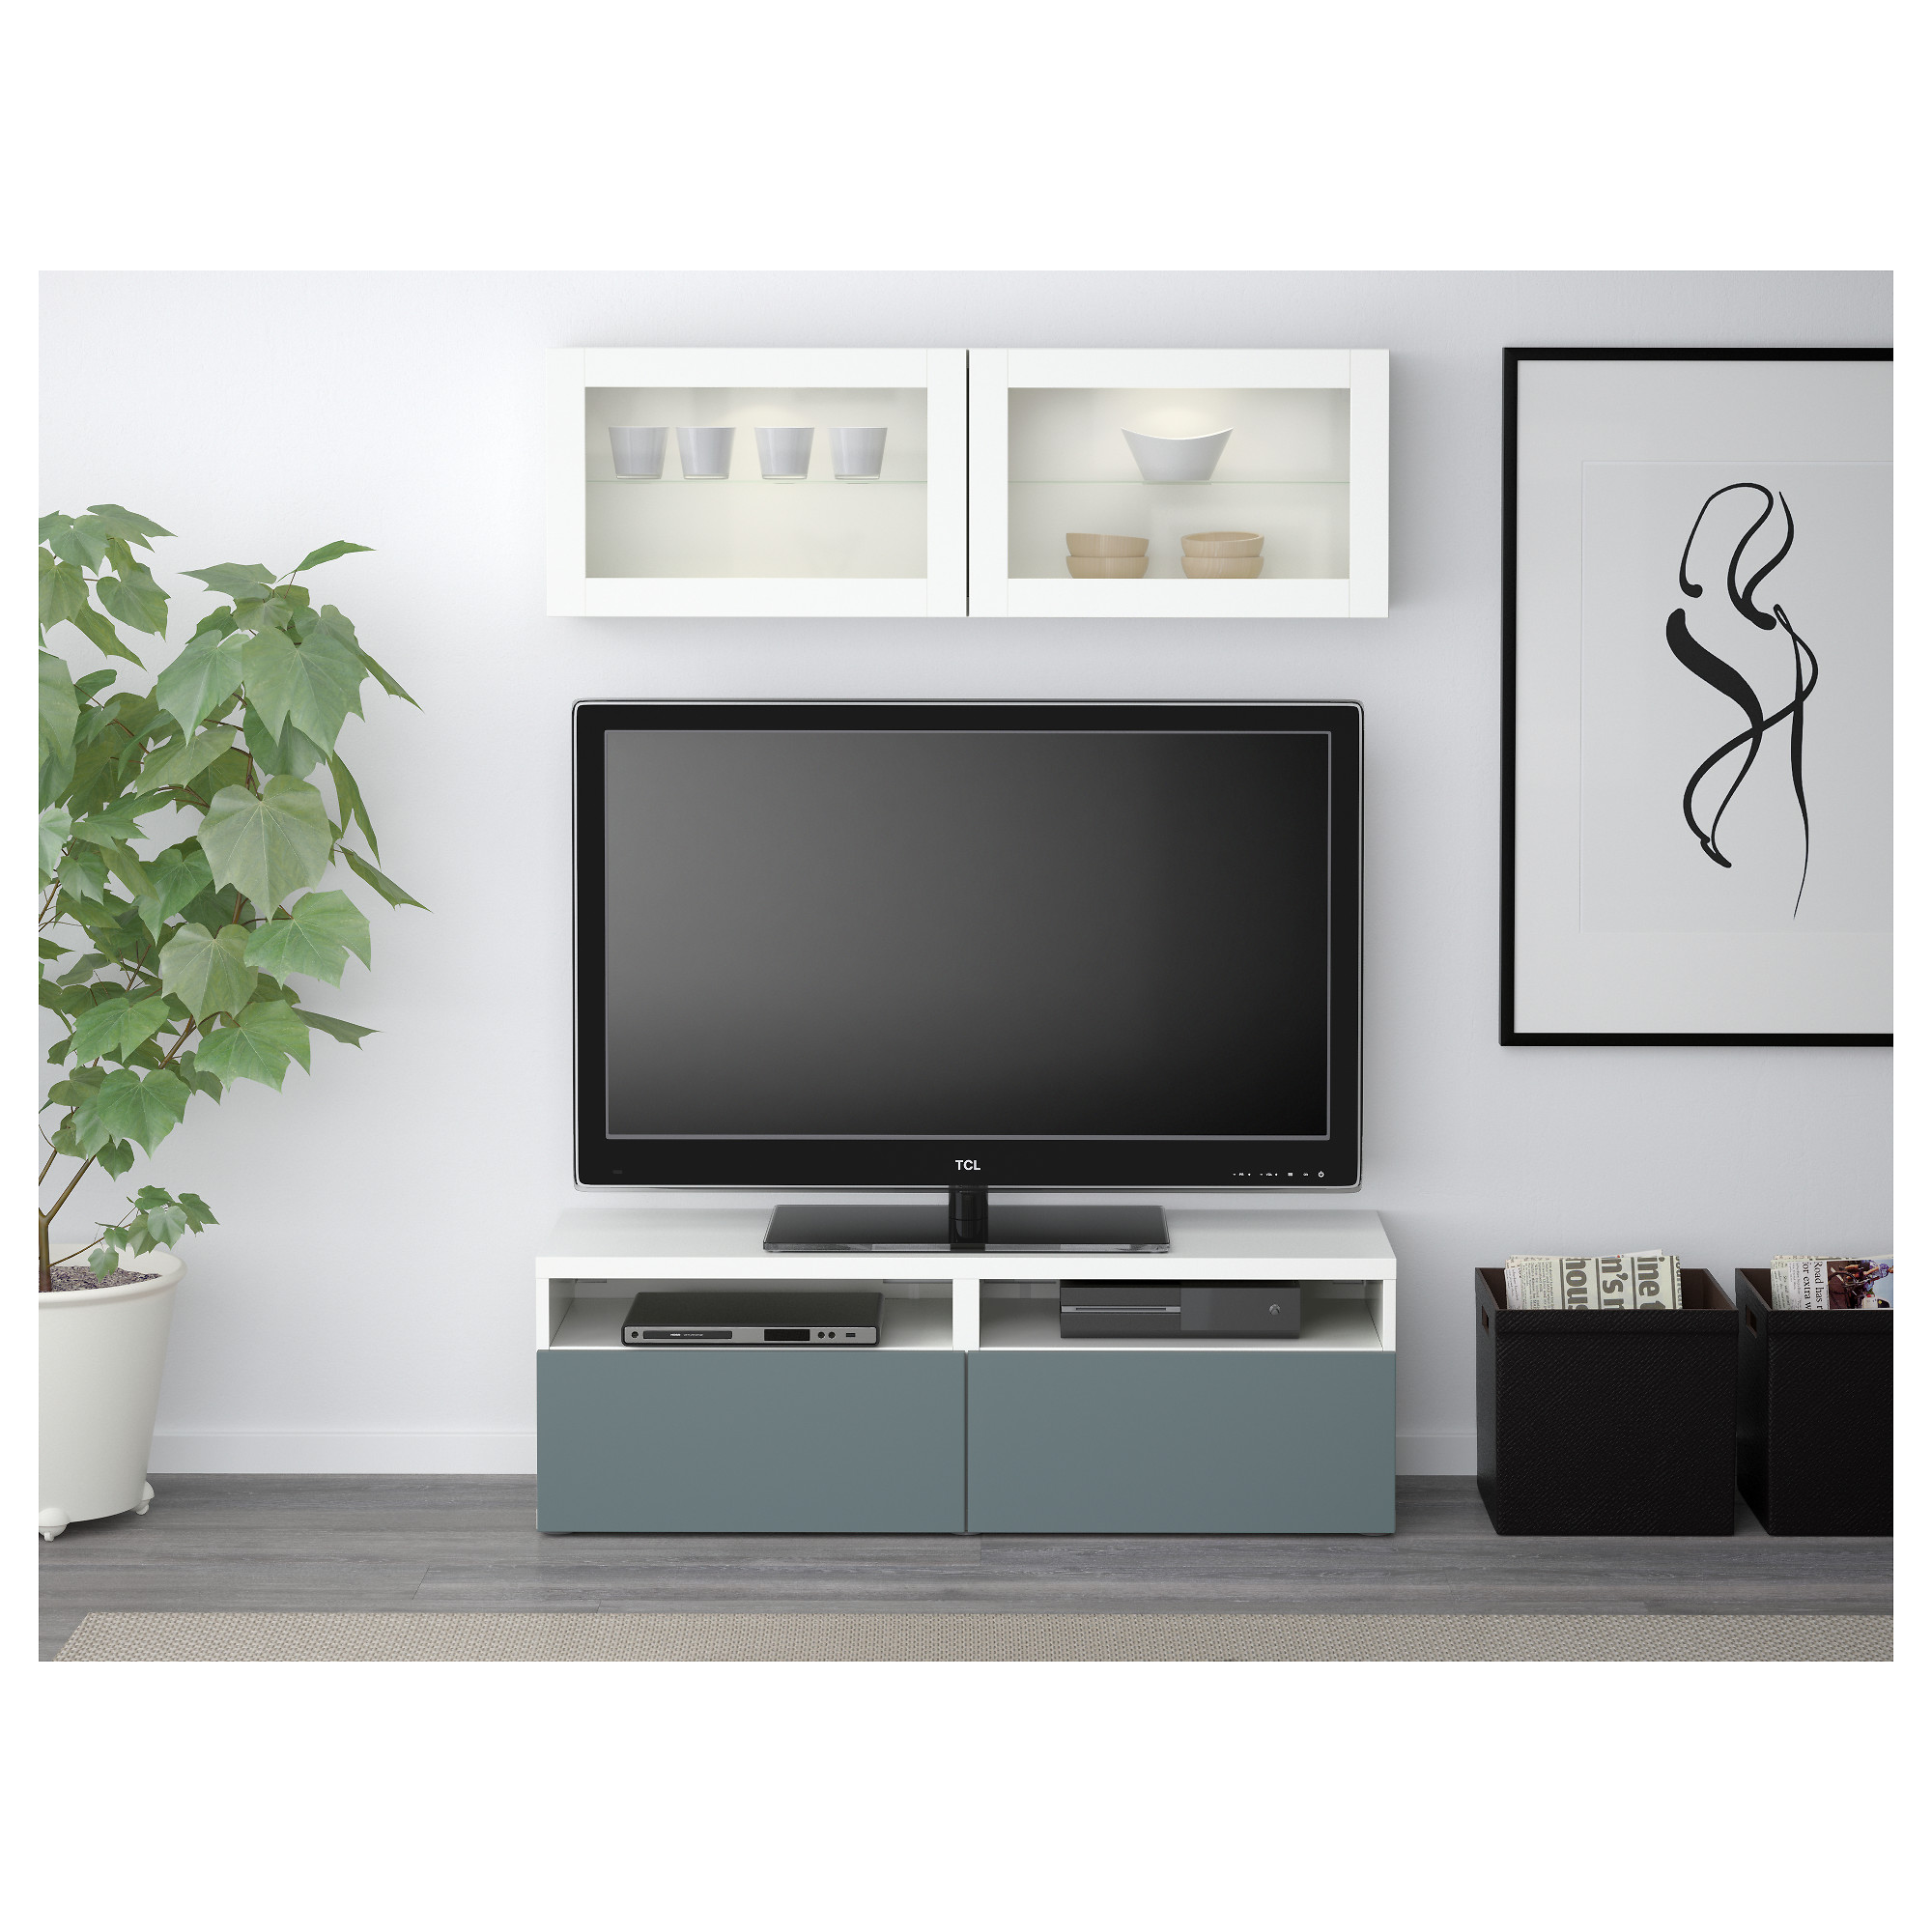 Шкаф для ТВ, комбинированный, стекляные дверцы БЕСТО белый артикуль № 592.504.93 в наличии. Онлайн сайт ИКЕА Минск. Недорогая доставка и монтаж.